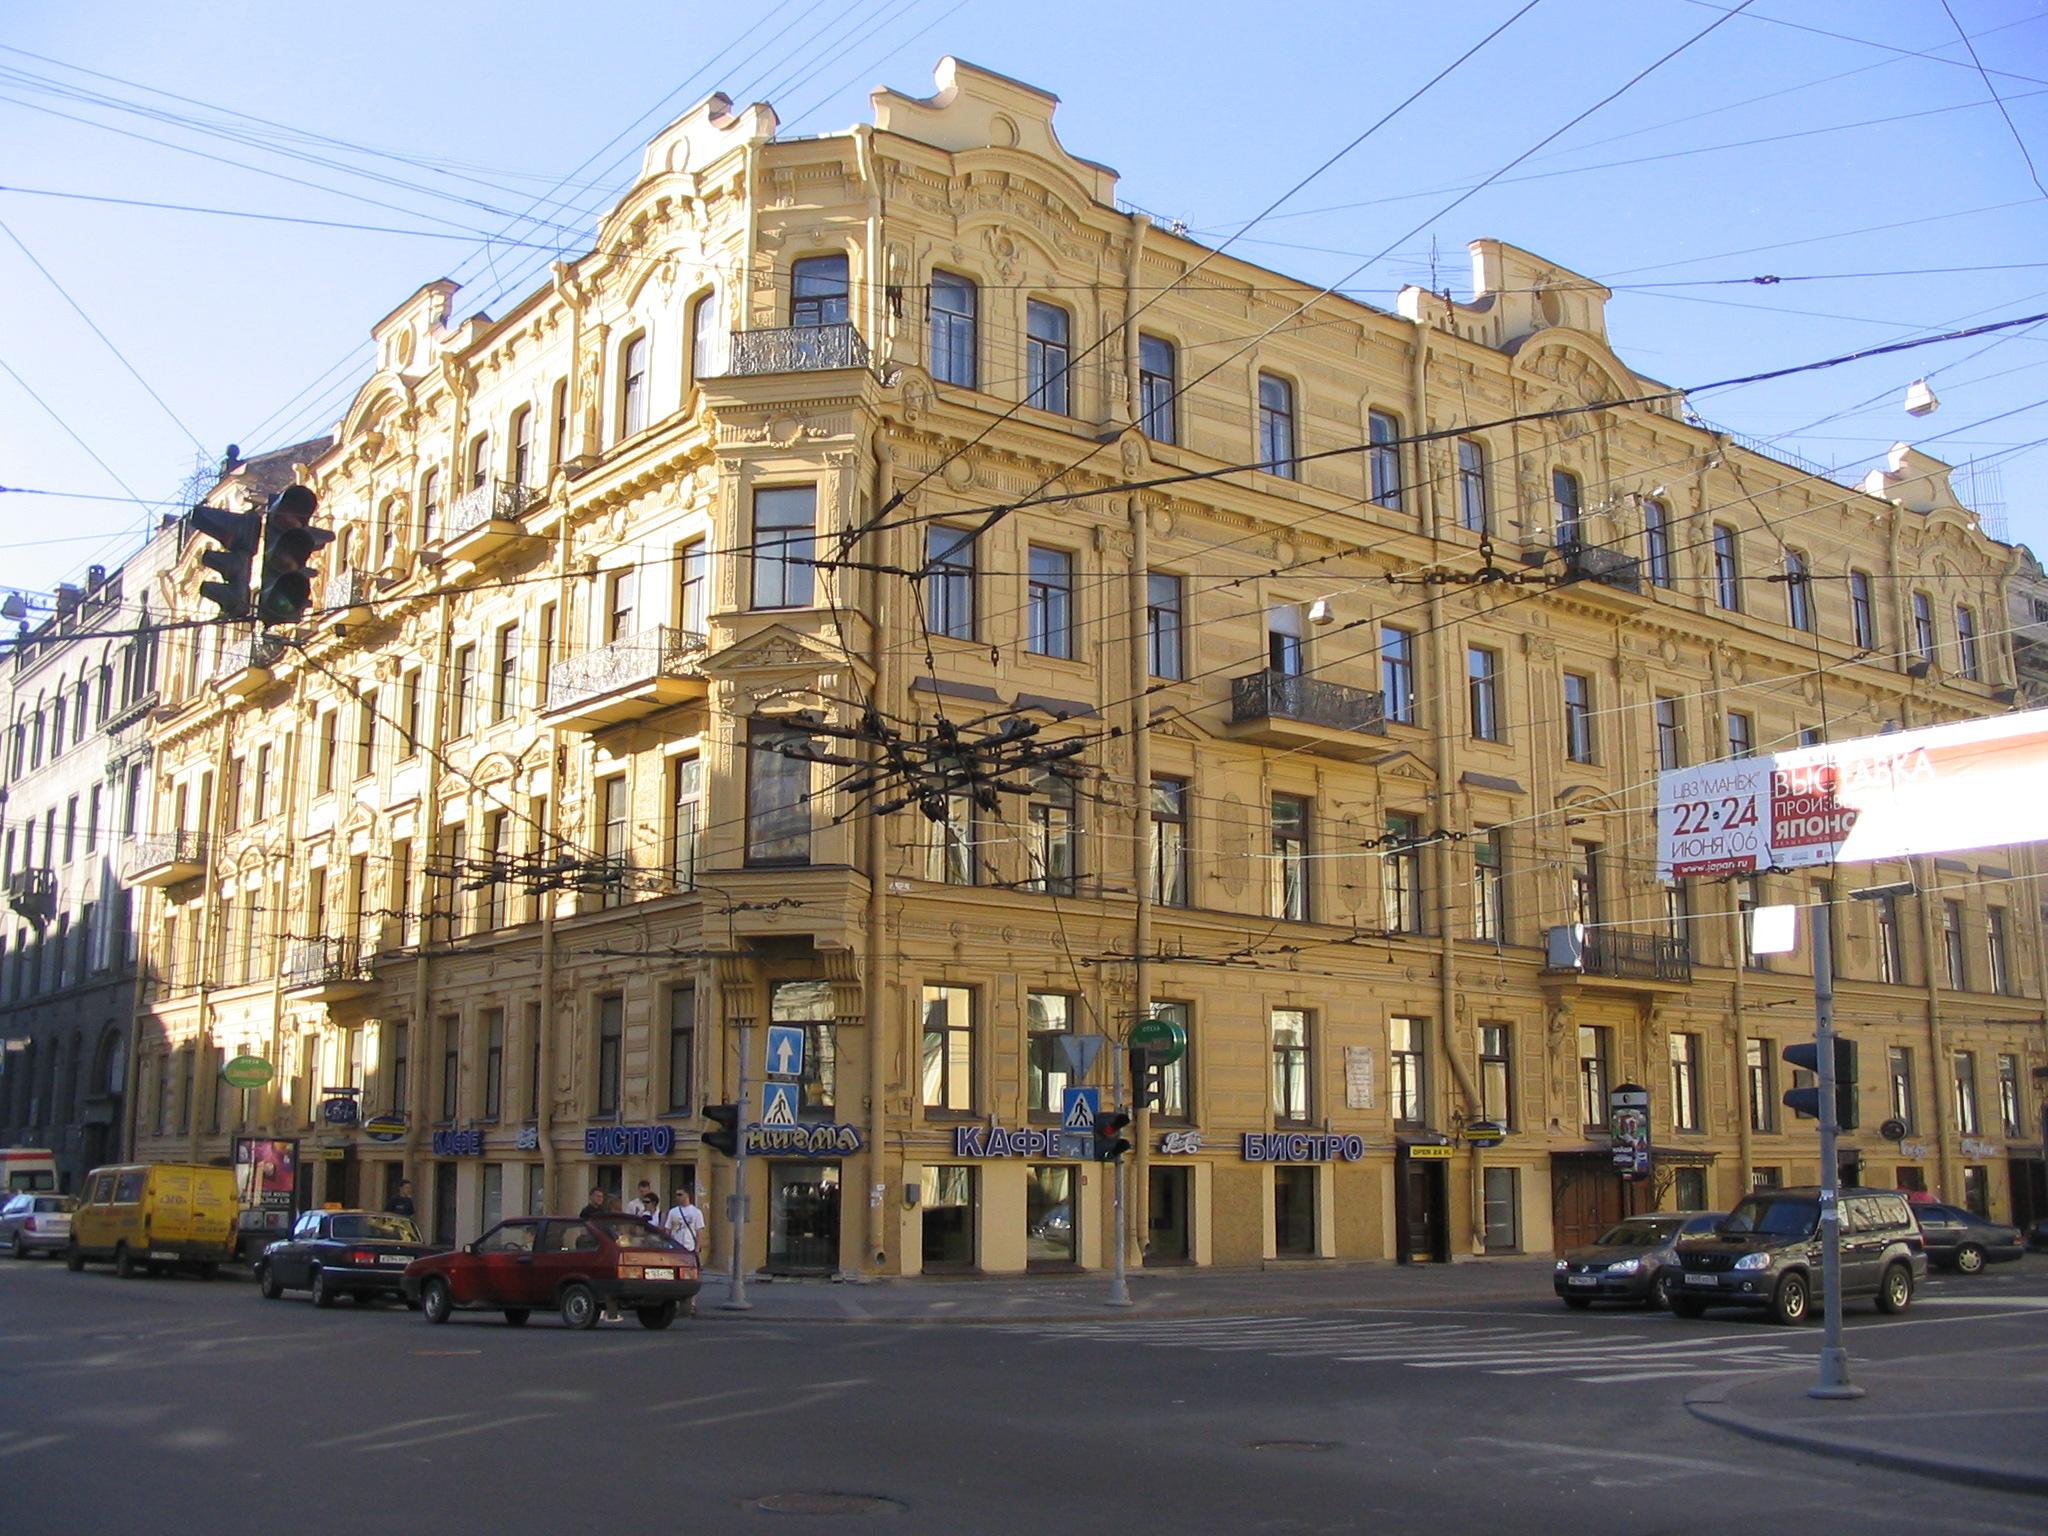 Tre hovedsteder Russland Kiev, Moskva, St. Petersburg